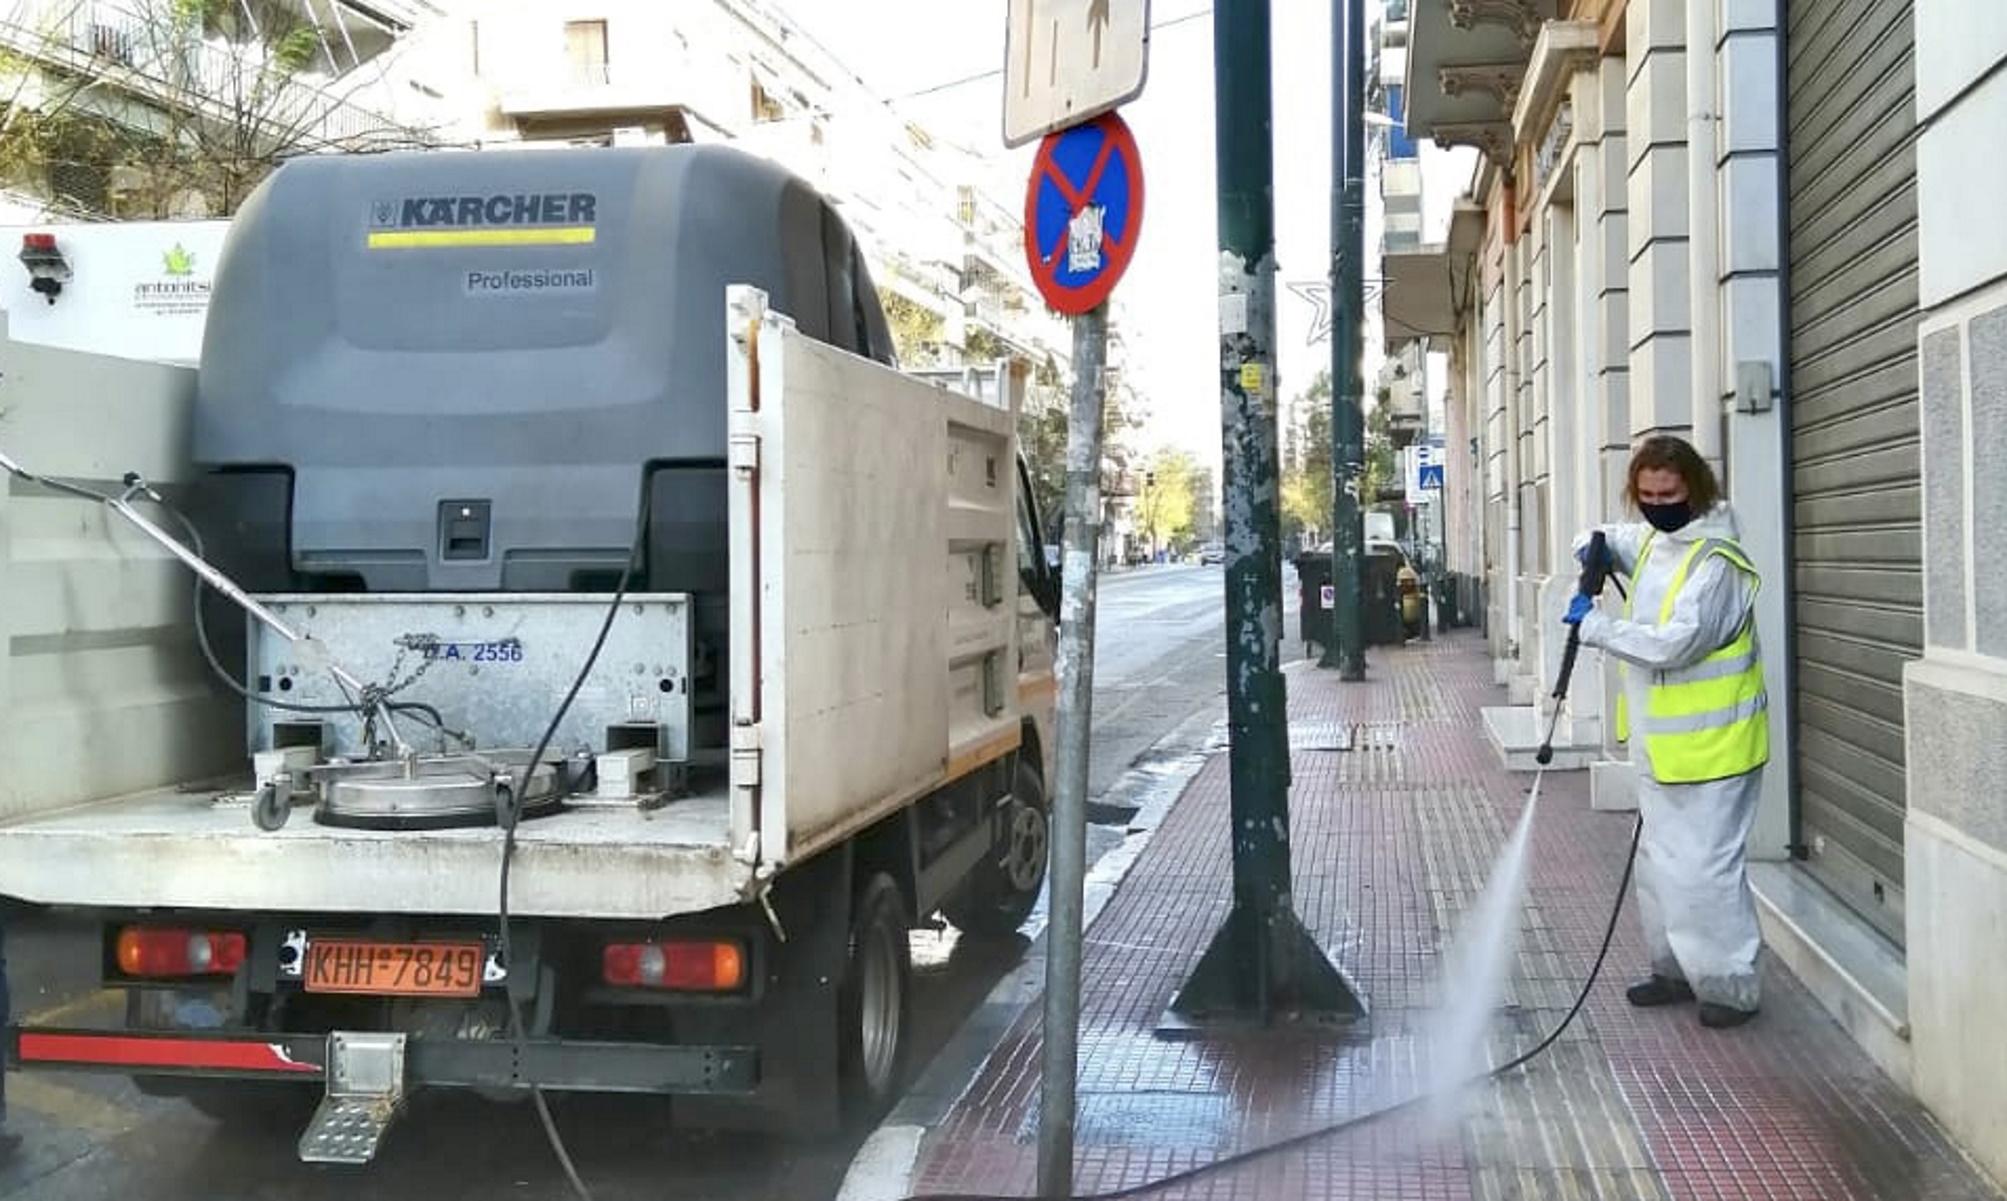 Κυψέλη καθαριότητας: Υδροφόρες του Μπακογιάννη «σάρωσαν» τη γειτονιά της Αθήνας (pics)